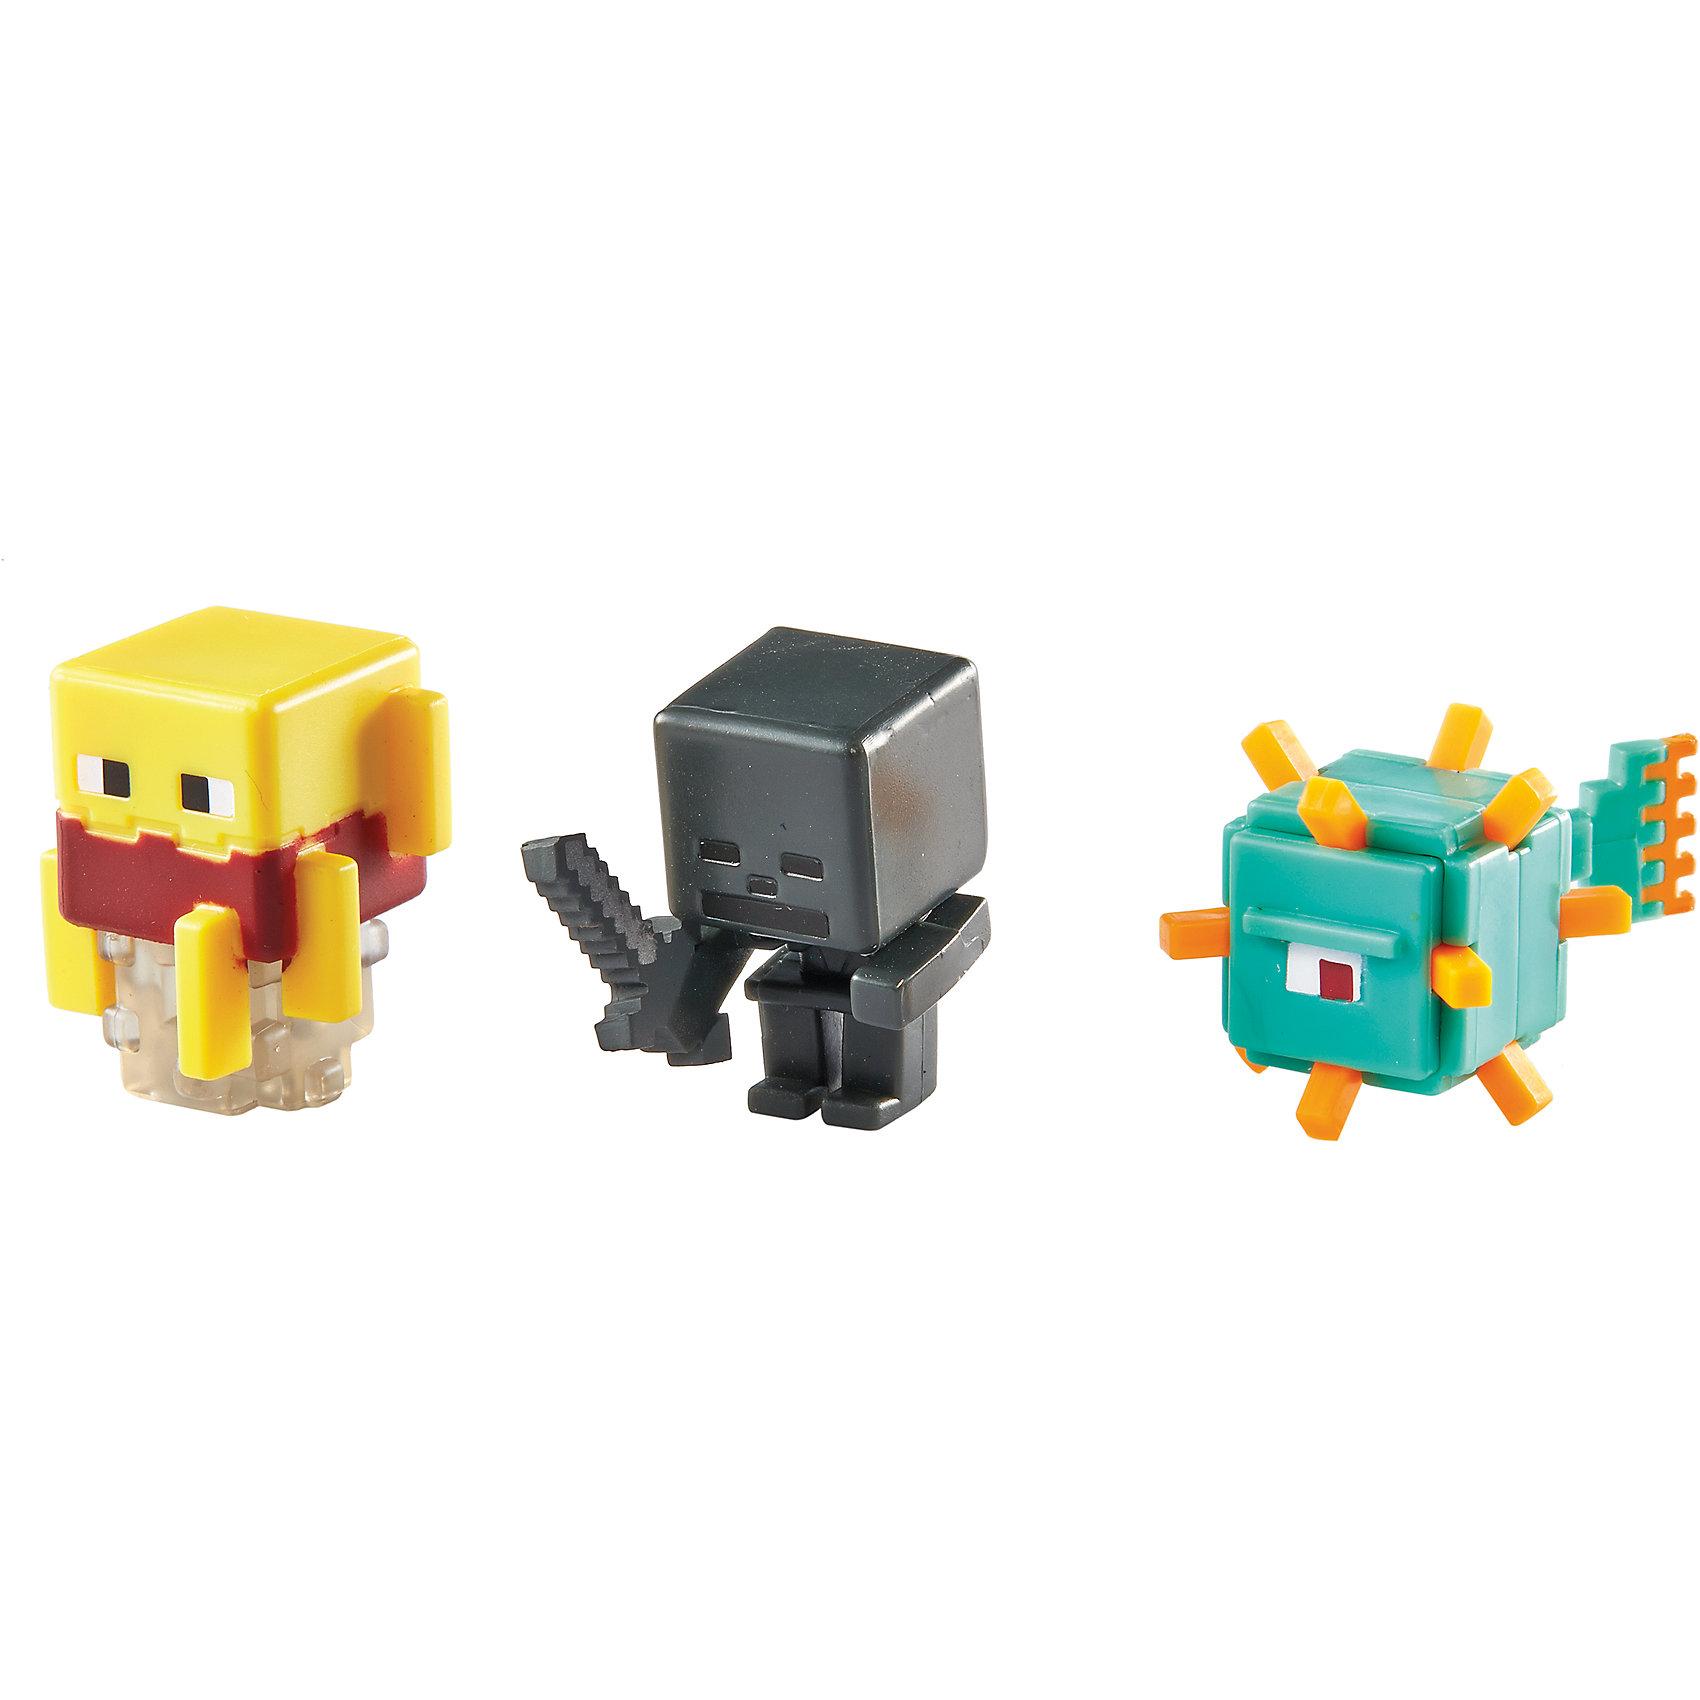 Набор из 3х фигурок  MinecraftMinecraft<br>Эти фигурки приведут в восторг всех поклонников Minecraft. Они прекрасно детализированы, реалистично раскрашены, очень похожи на героев компьютерной игры. Собери все фигурки, создавай свои мир Майнкрафт прямо на письменном столе или там, где ты пожелаешь! Игрушки выполнены из высококачественных экологичных материалов безопасных для детей. В наборе: Страж, Скелет-иссушитель и Ифрит.<br><br>Дополнительная информация:<br><br>- Материал: пластик.<br>- Размер упаковки: 16,5х16,5х4 см.<br>- Размер фигурки: 3 см. <br>- 3 фигурки в комплекте. <br><br>Набор из 3х фигурок  Minecraft (Майнкрафт) можно купить в нашем магазине.<br><br>Ширина мм: 166<br>Глубина мм: 137<br>Высота мм: 30<br>Вес г: 37<br>Возраст от месяцев: 36<br>Возраст до месяцев: 72<br>Пол: Мужской<br>Возраст: Детский<br>SKU: 4557619